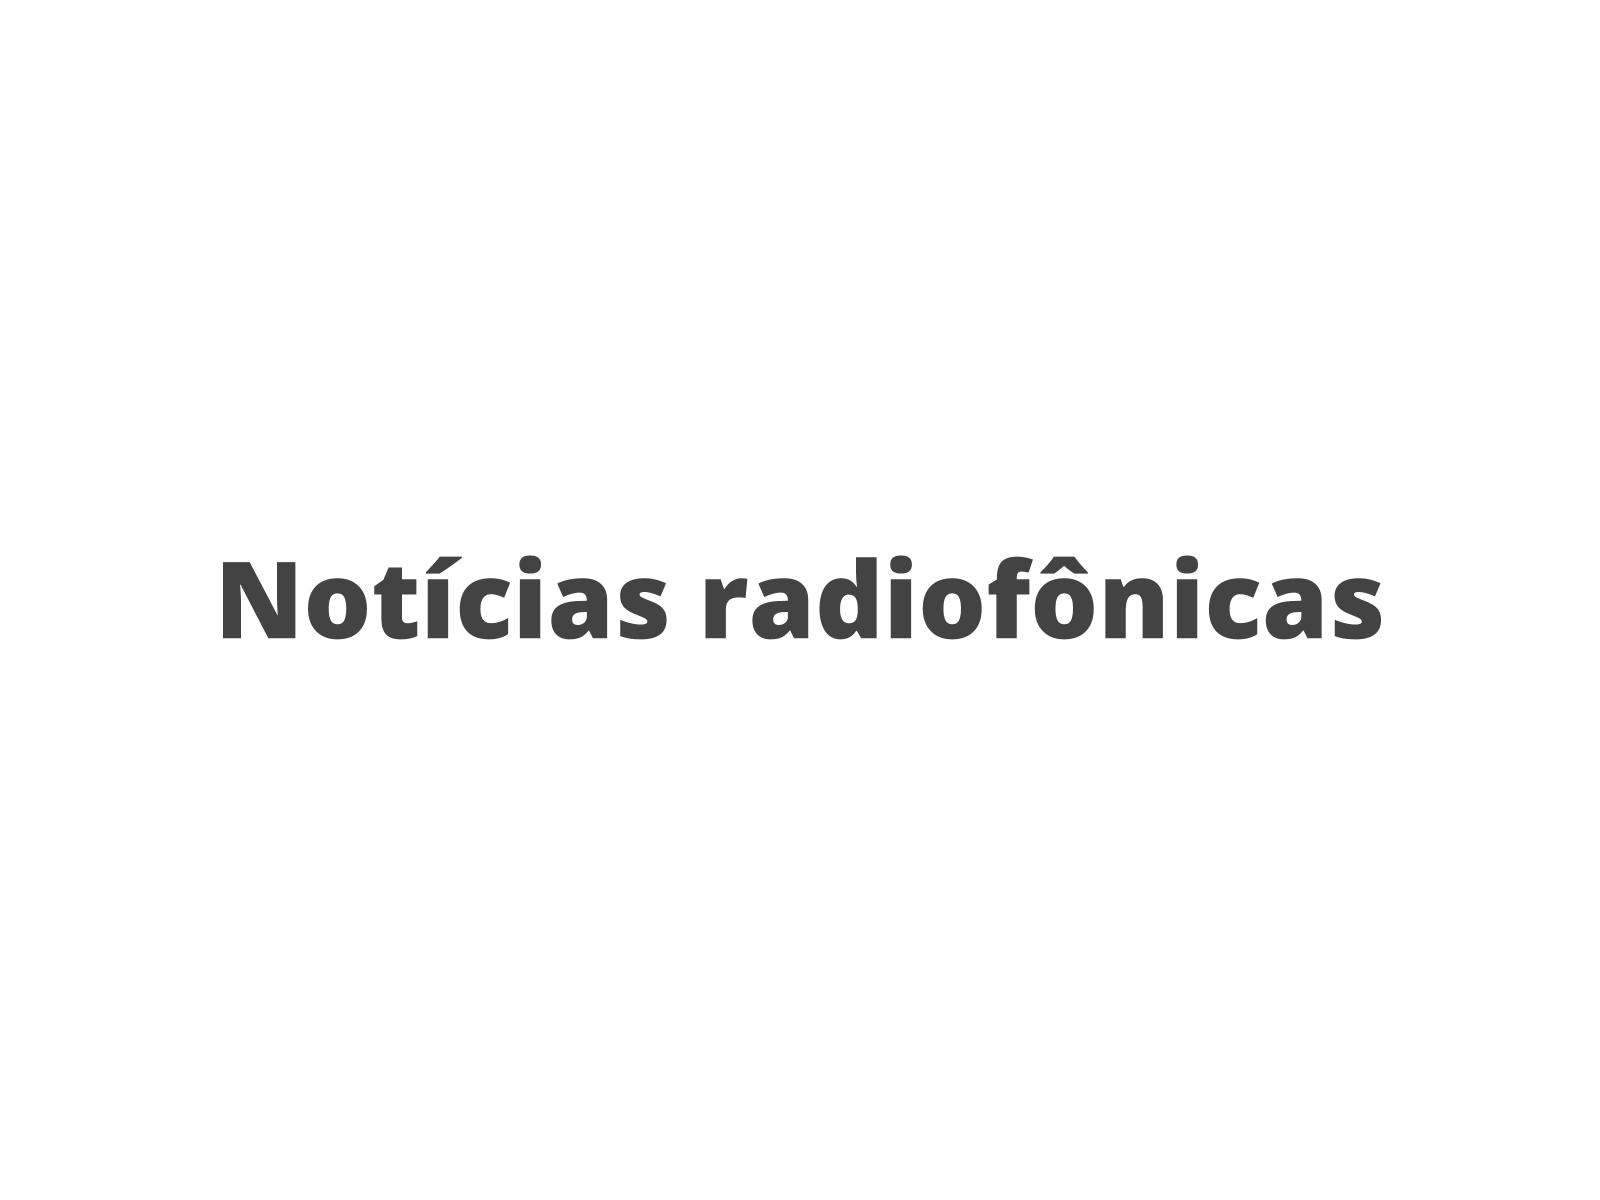 Elementos estruturais de notícias radiofônicas